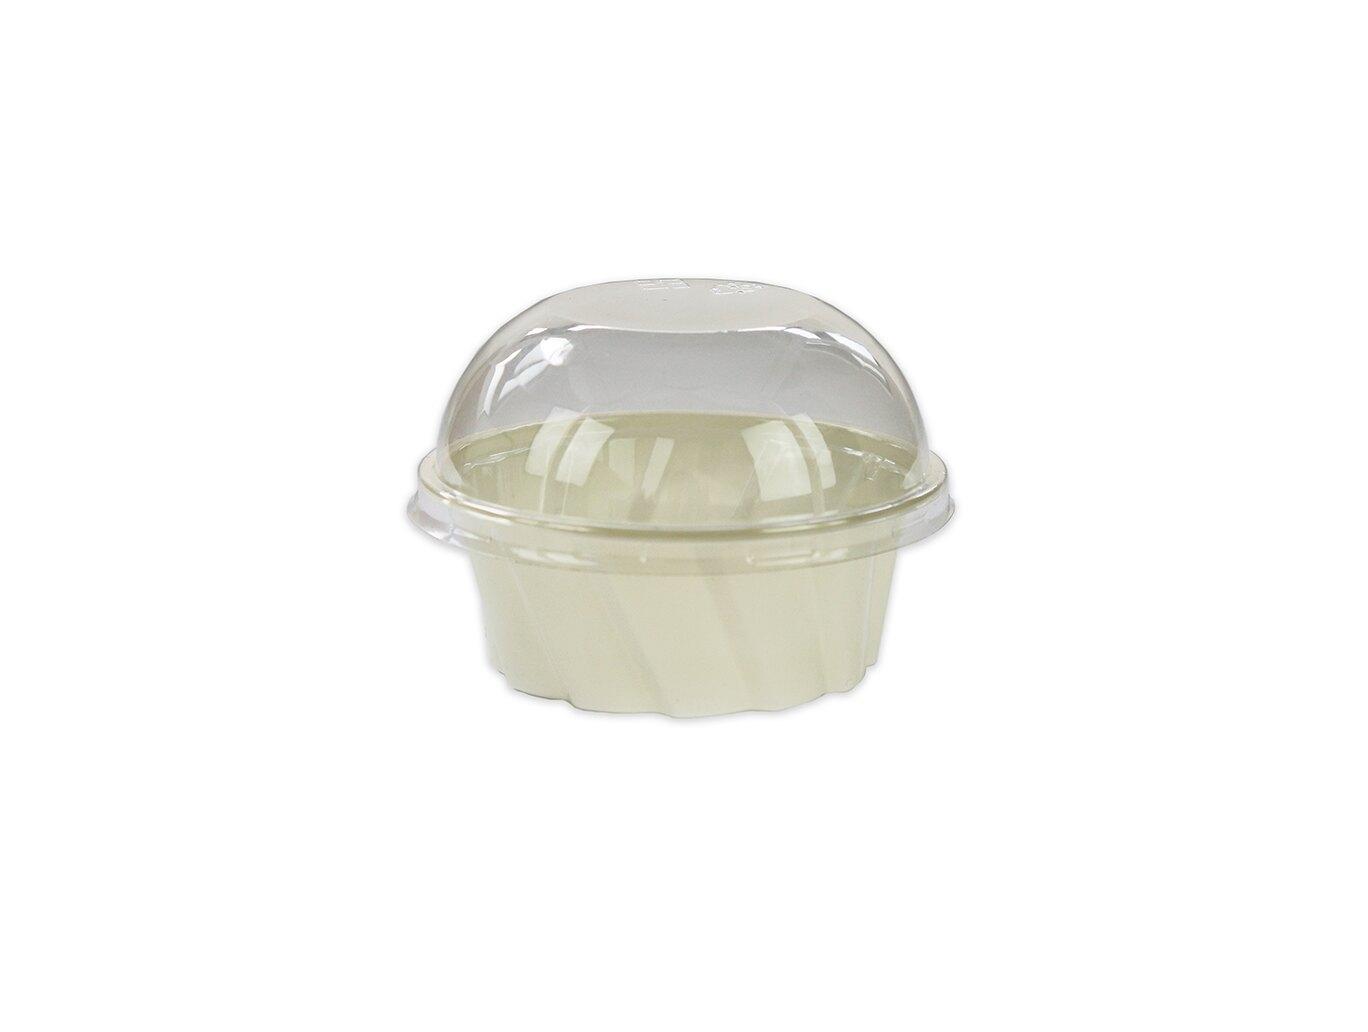 【BST01】慕斯杯、甜品杯、奶酪杯、PET杯、斜紋杯(米白色)(50個+蓋)